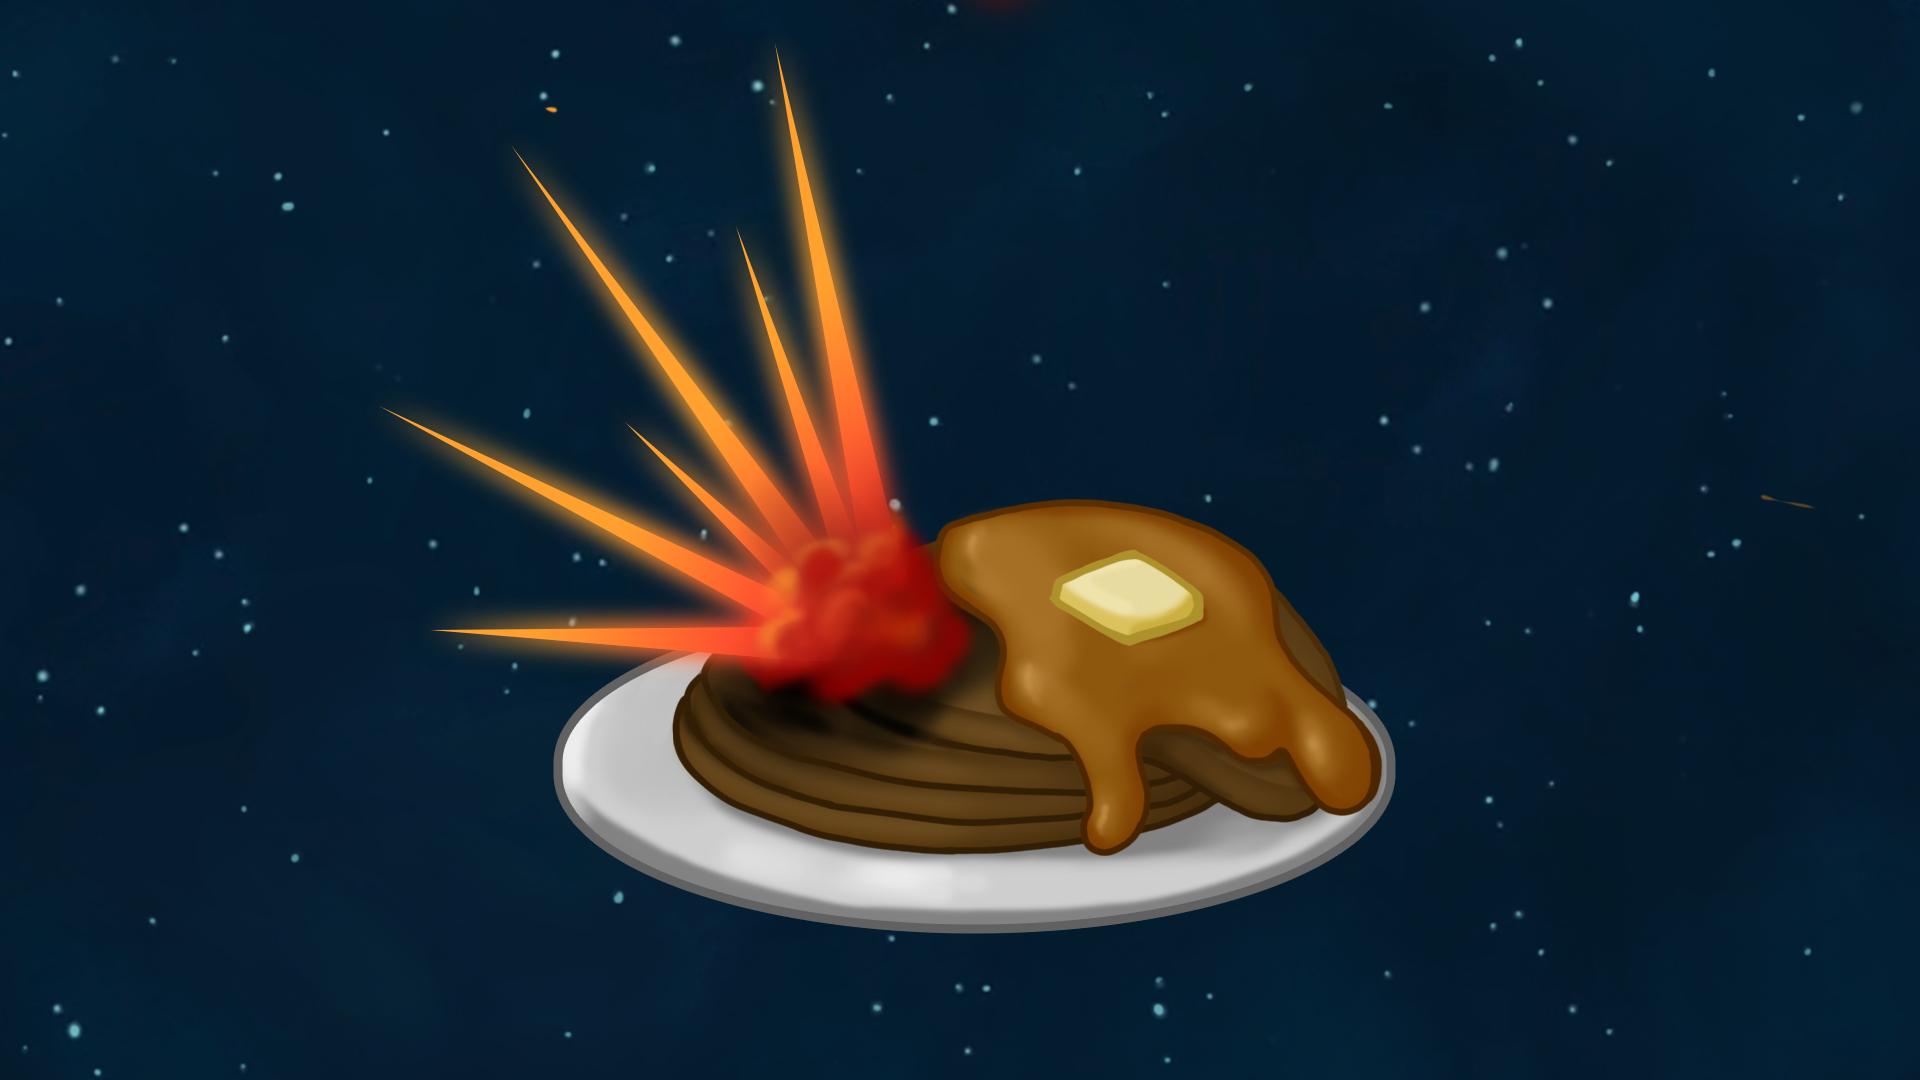 Blasted Pancake!